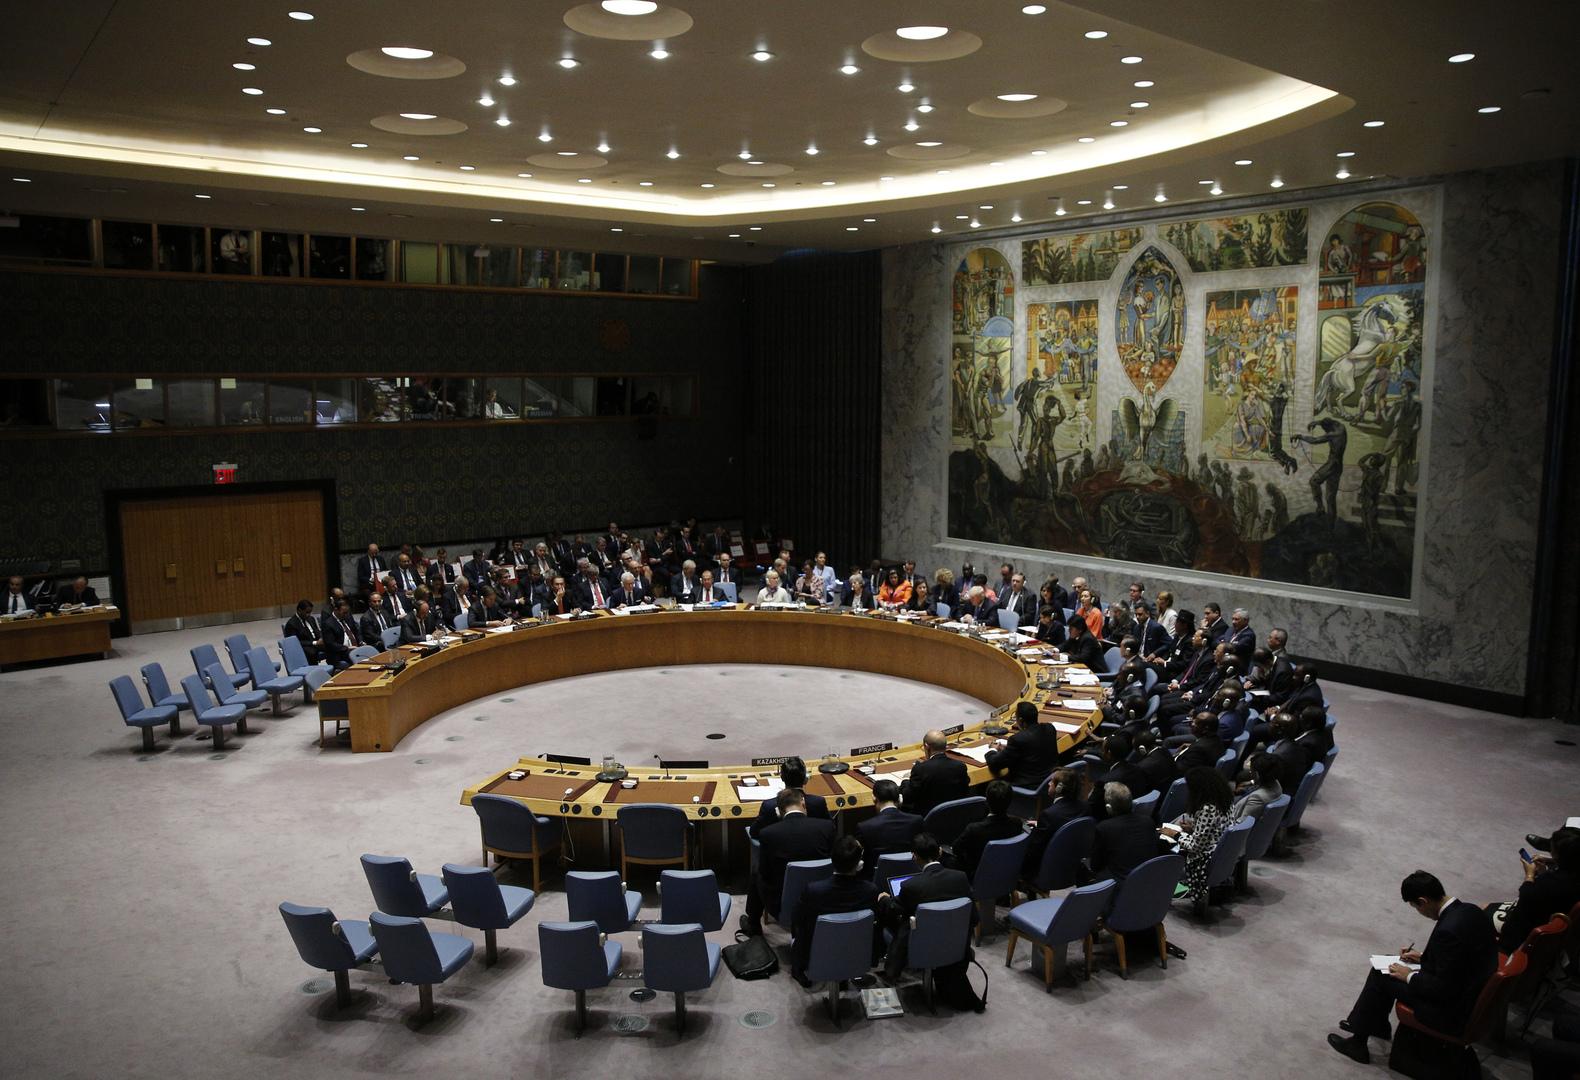 واشنطن تسحب عبر مجلس الأمن إعلان إدارة ترامب إعادة فرض كل العقوبات الأممية على إيران